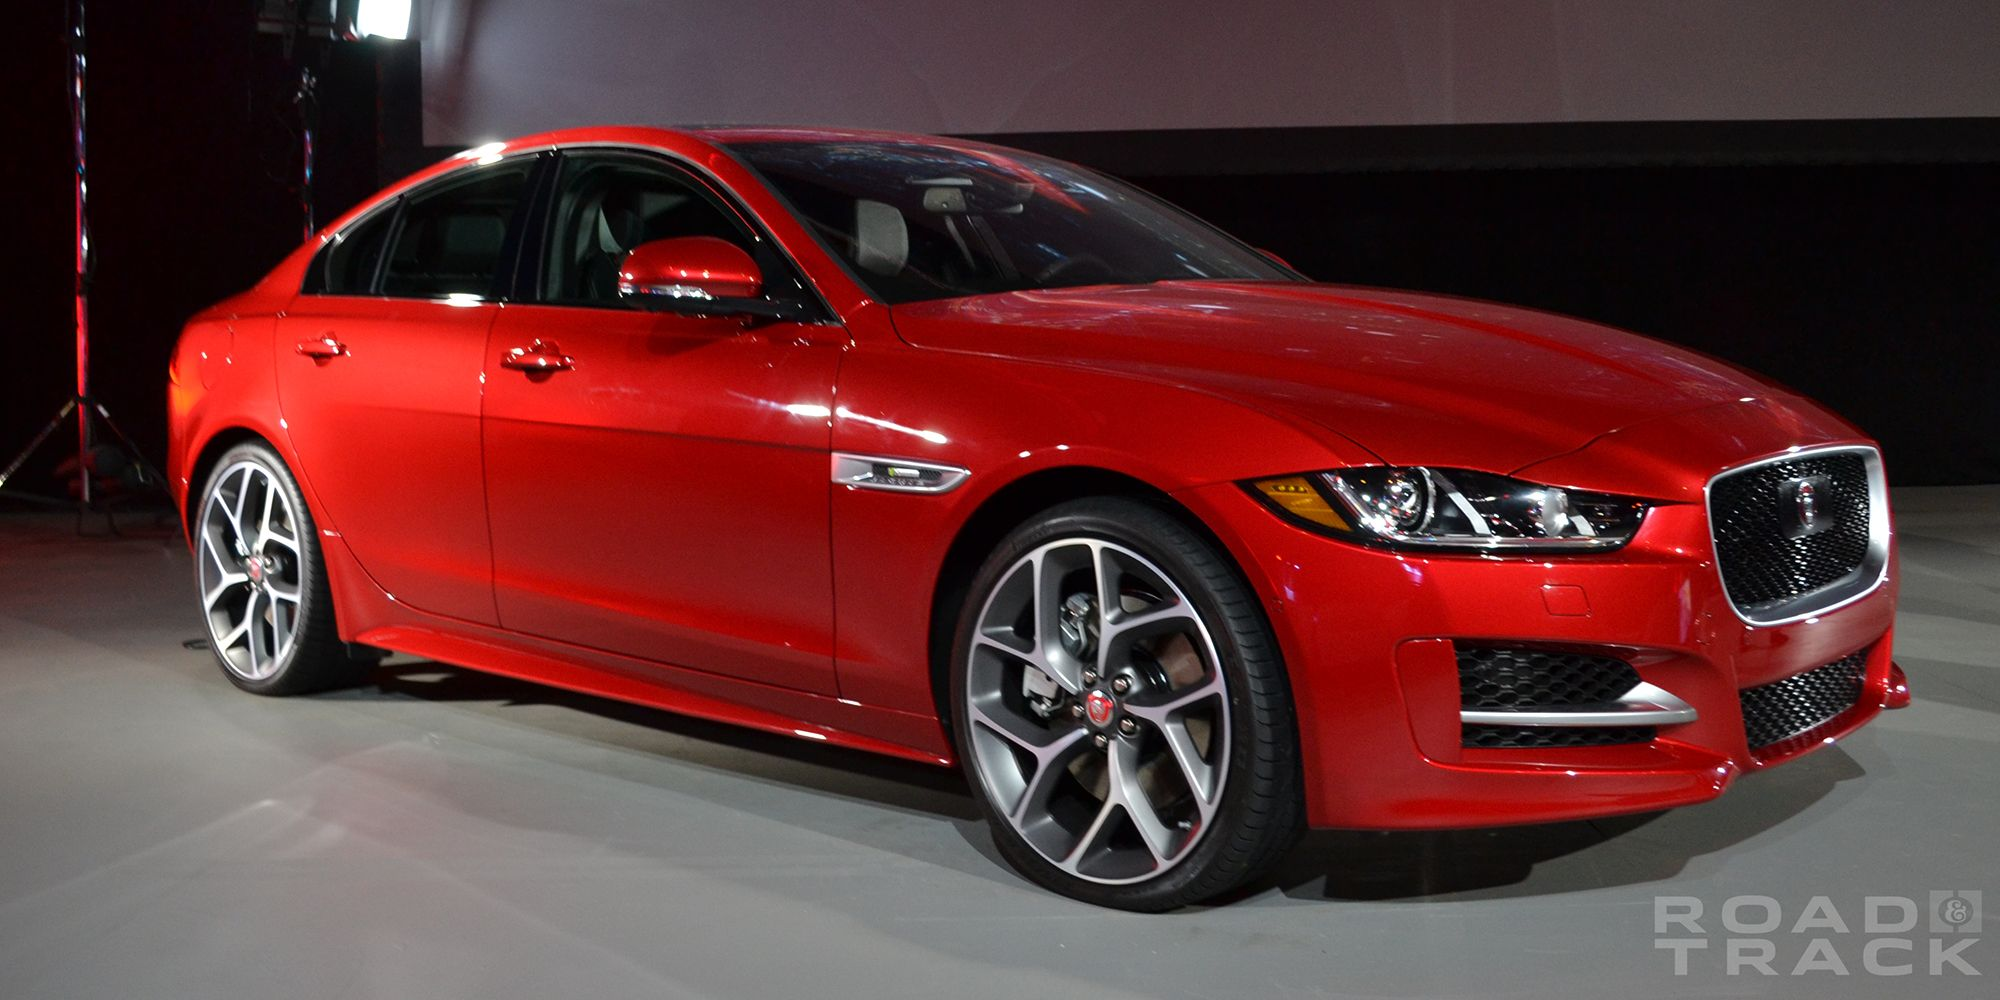 news show crossover ev jaguar dealership tesla los angeles concept aim i model takes ipace x dead la pace at auto